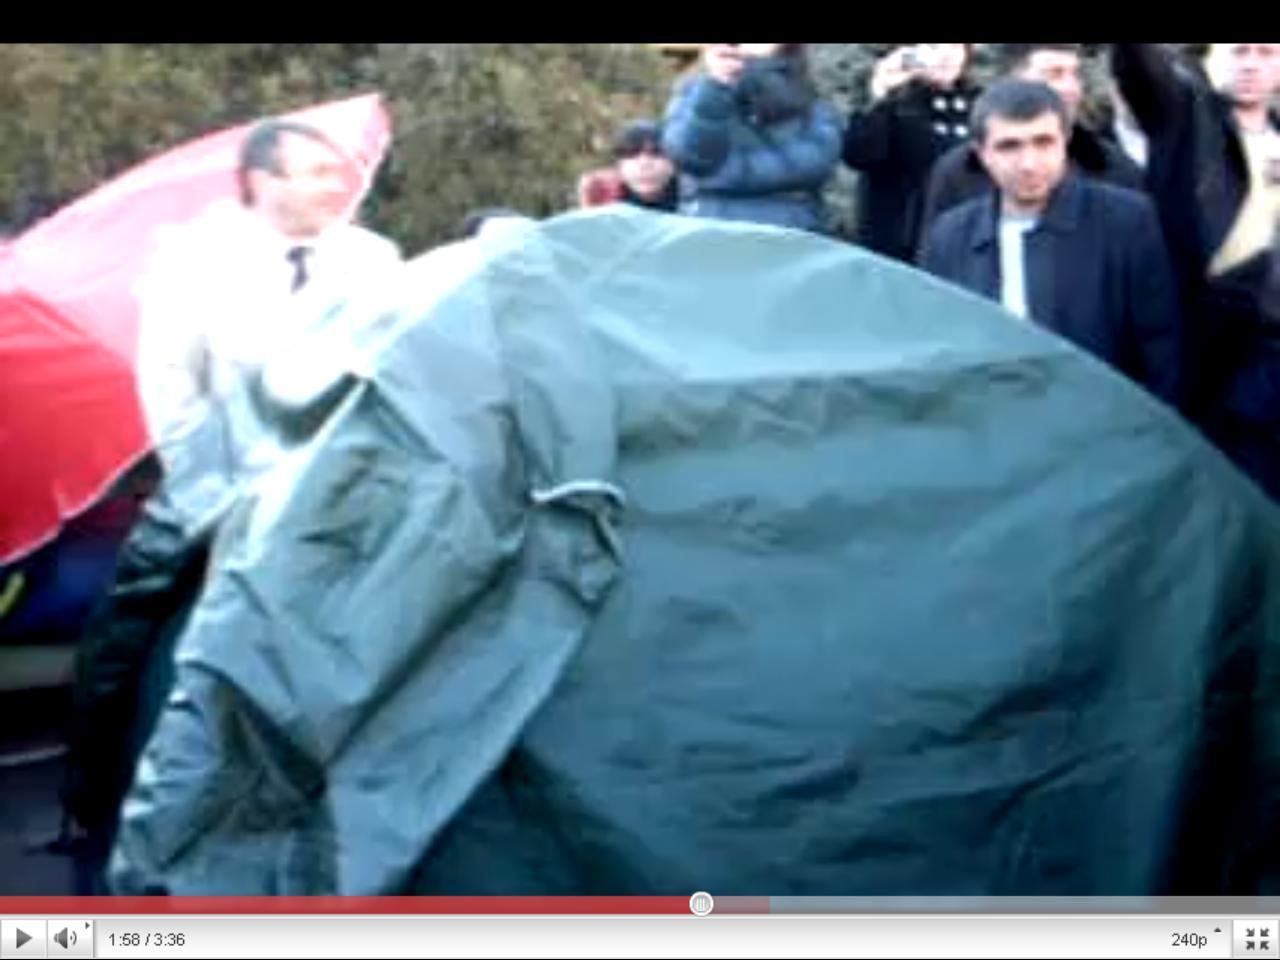 Ազատության հրապարակում Րաֆֆի Հովհաննիսյանի համար վրանը տեղադրվեց